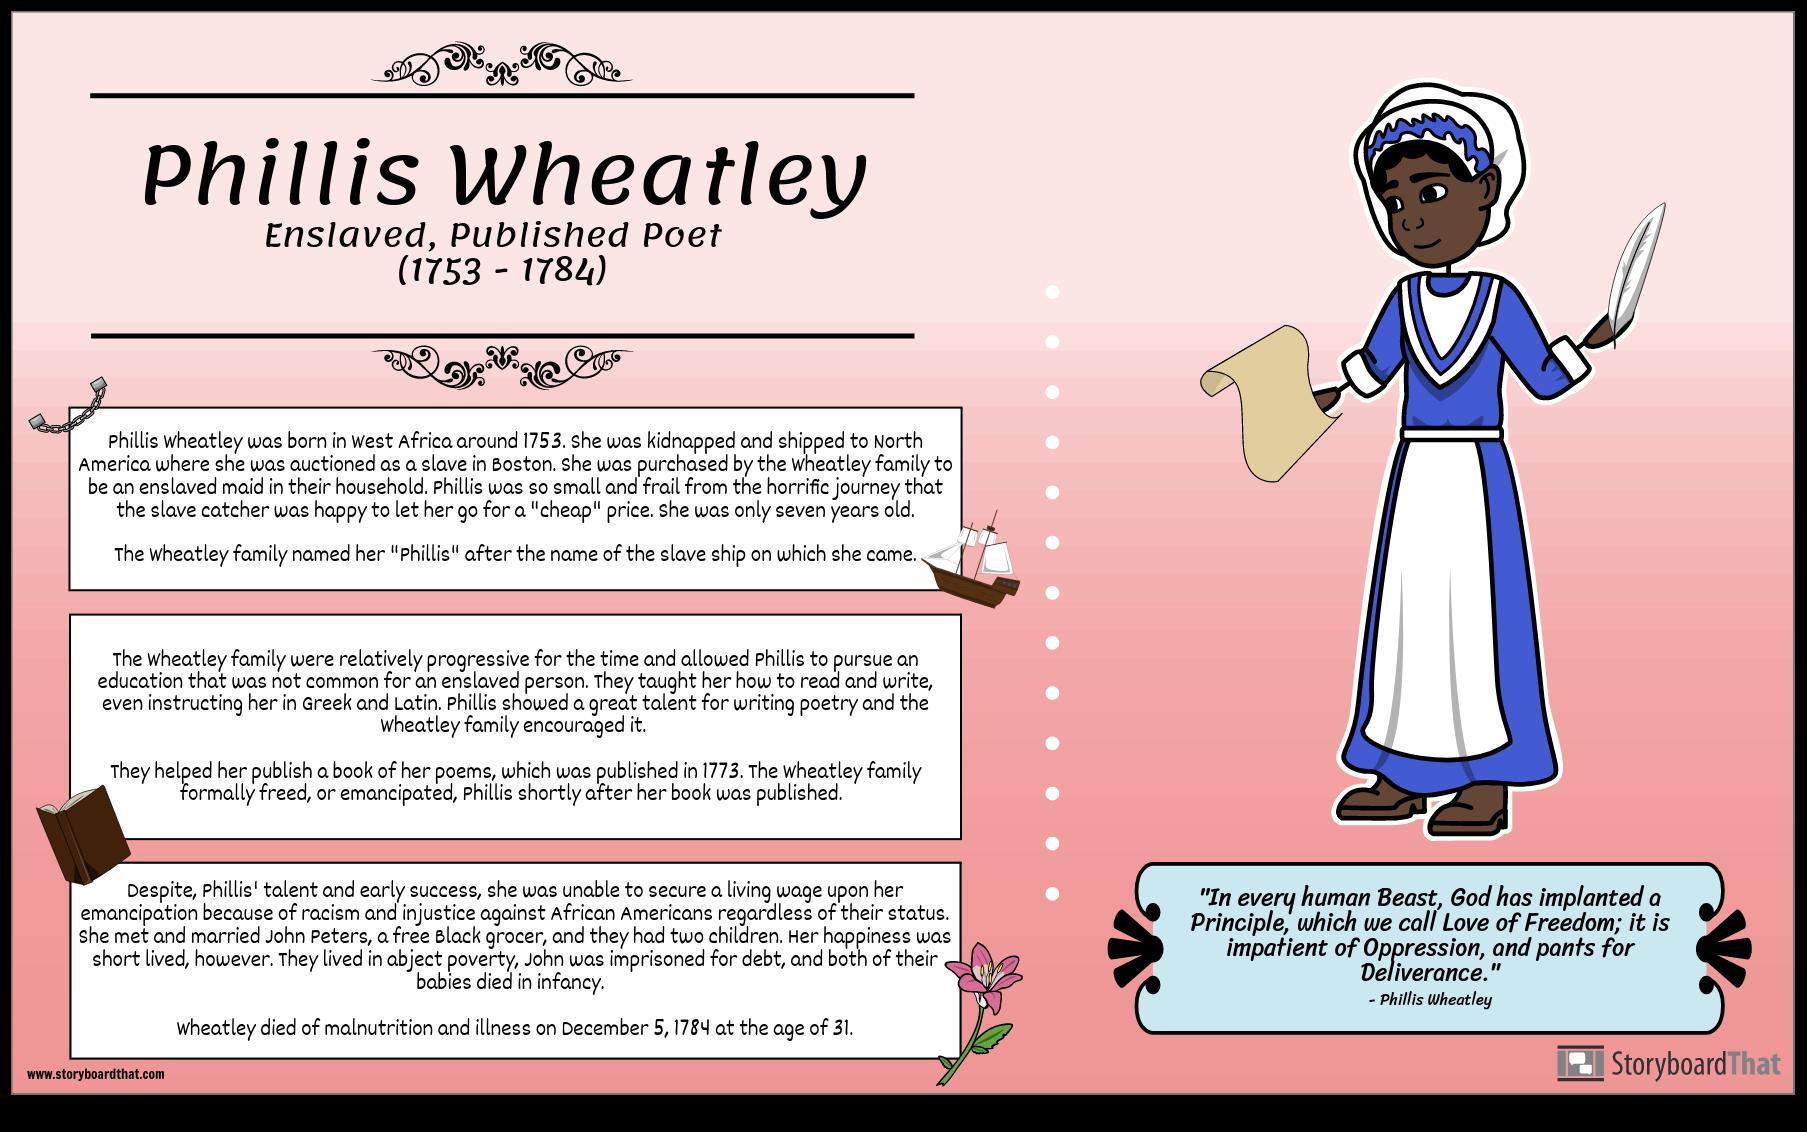 Slavery: Phillis Wheatley